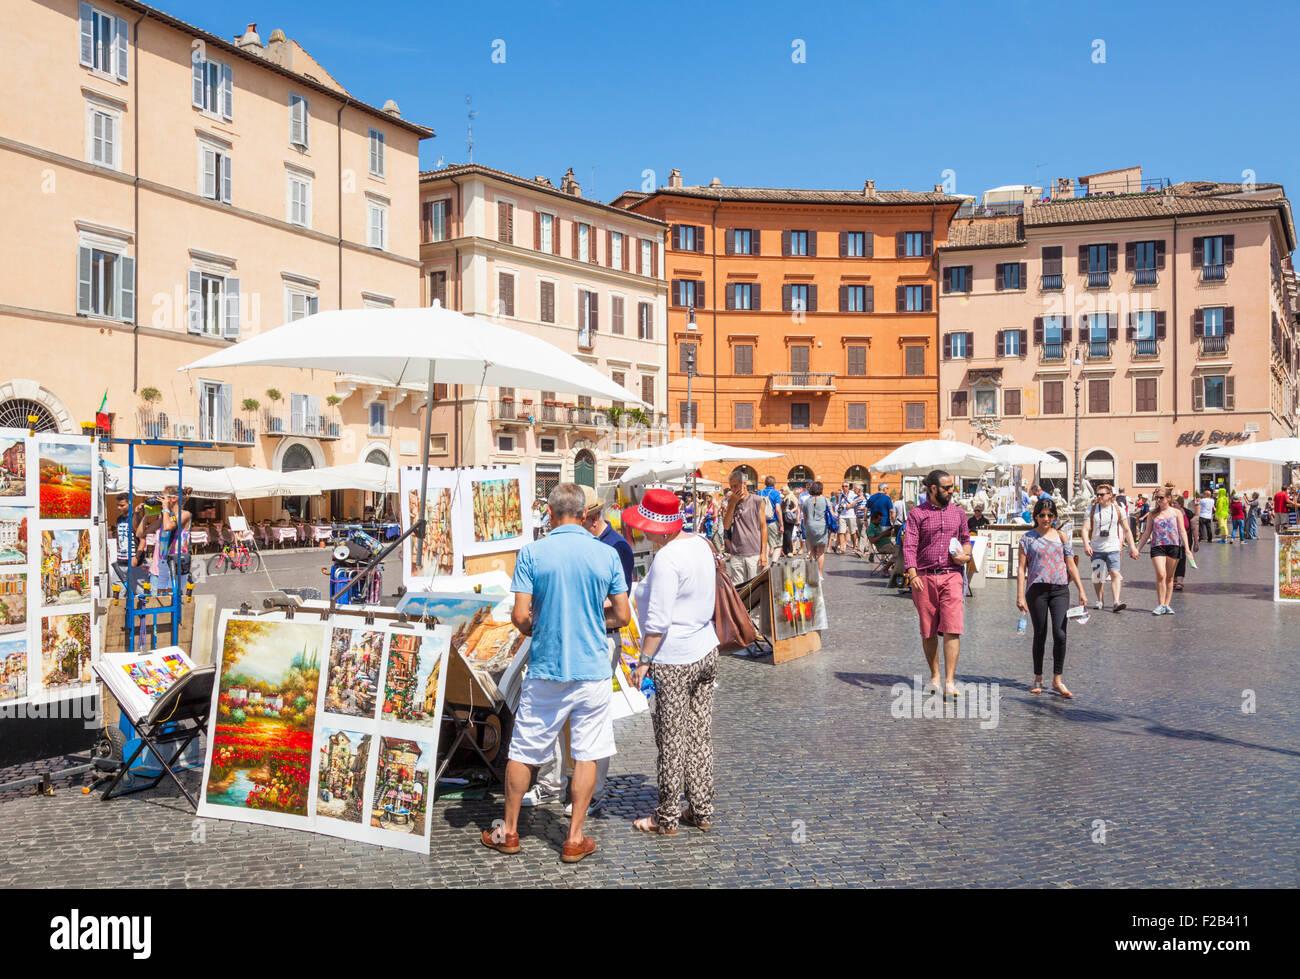 Künstler malen und Verkauf von Kunstwerken in der Piazza Navona-Rom Italien Roma Lazio Italien EU-Europa Stockbild